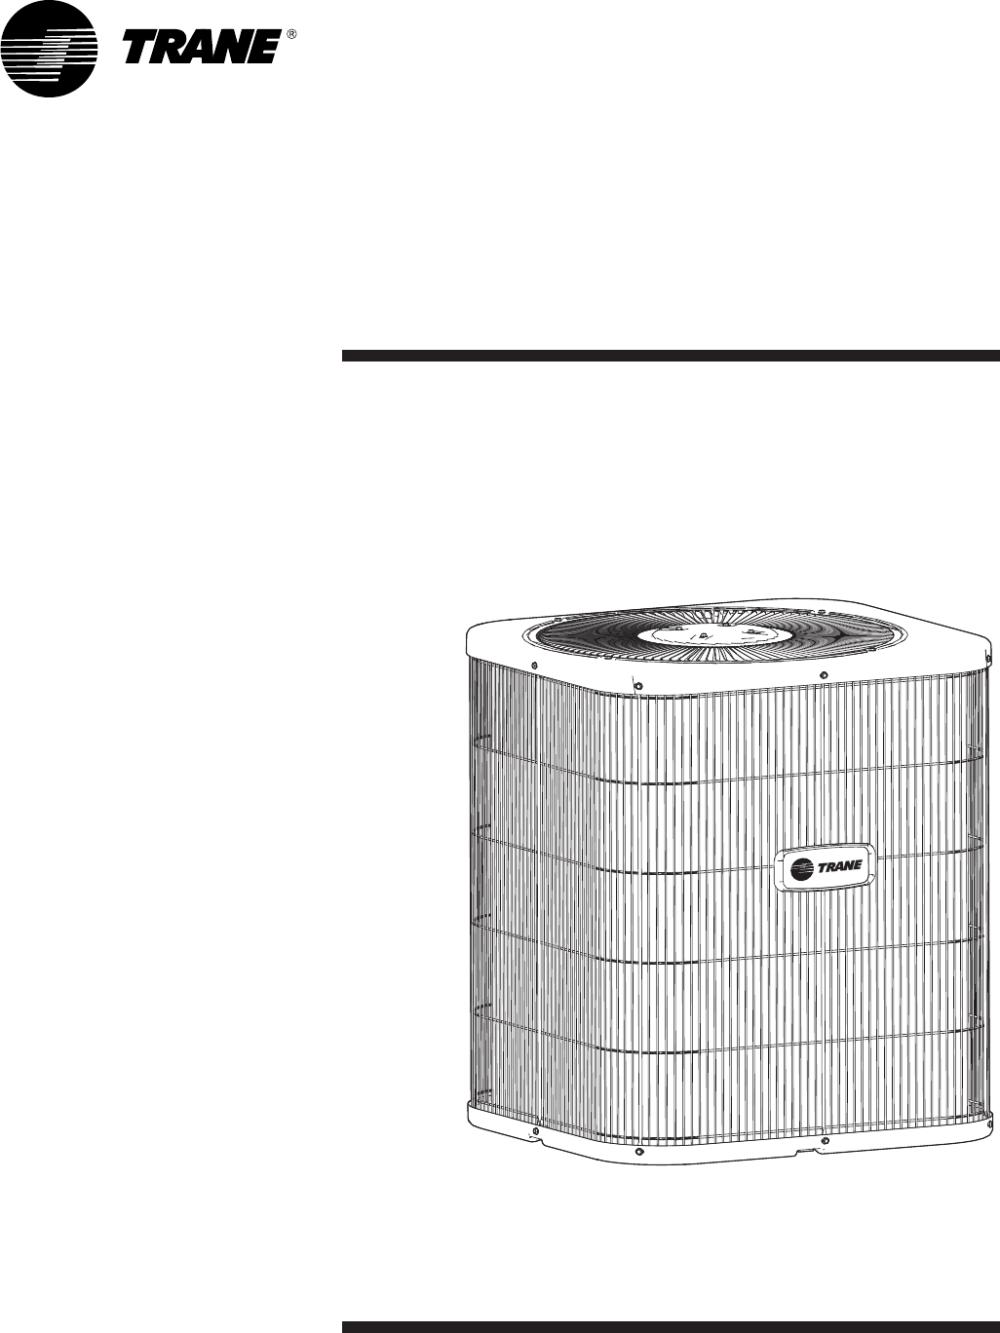 medium resolution of  trane heat pump wiring schematic tw on